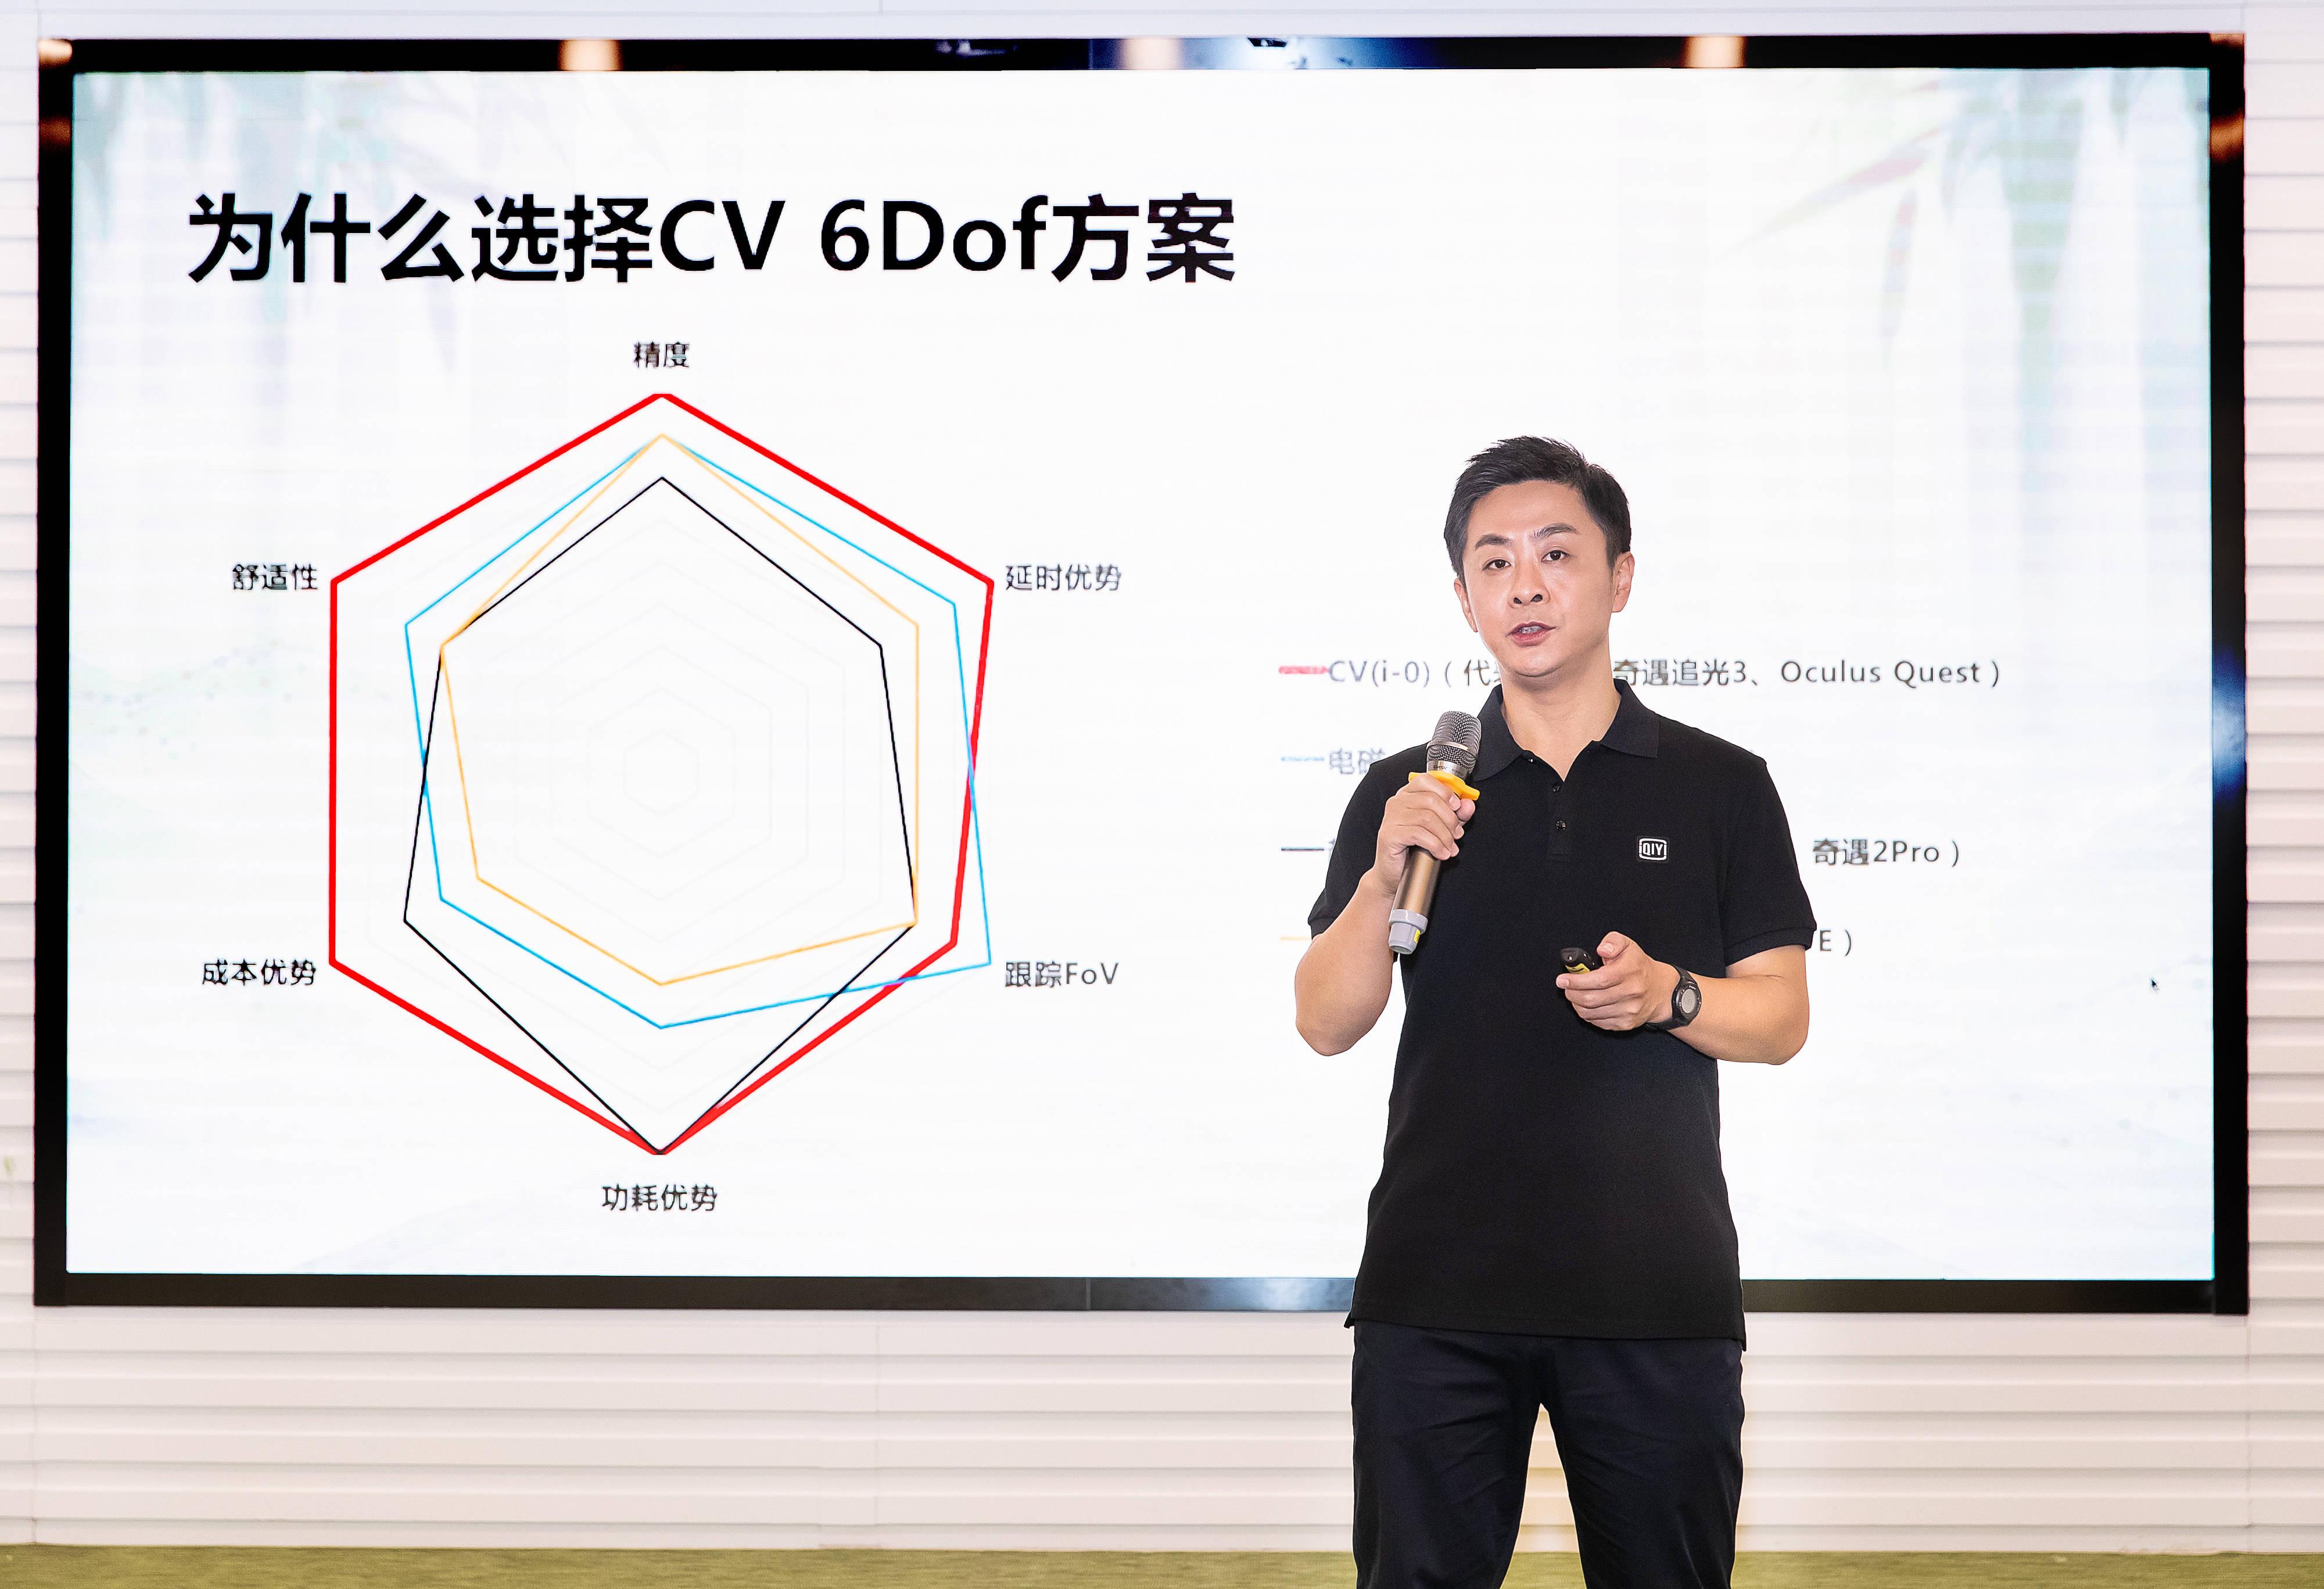 爱奇艺冒险VR推出国内首个计算机视觉6自由度VR交互技术